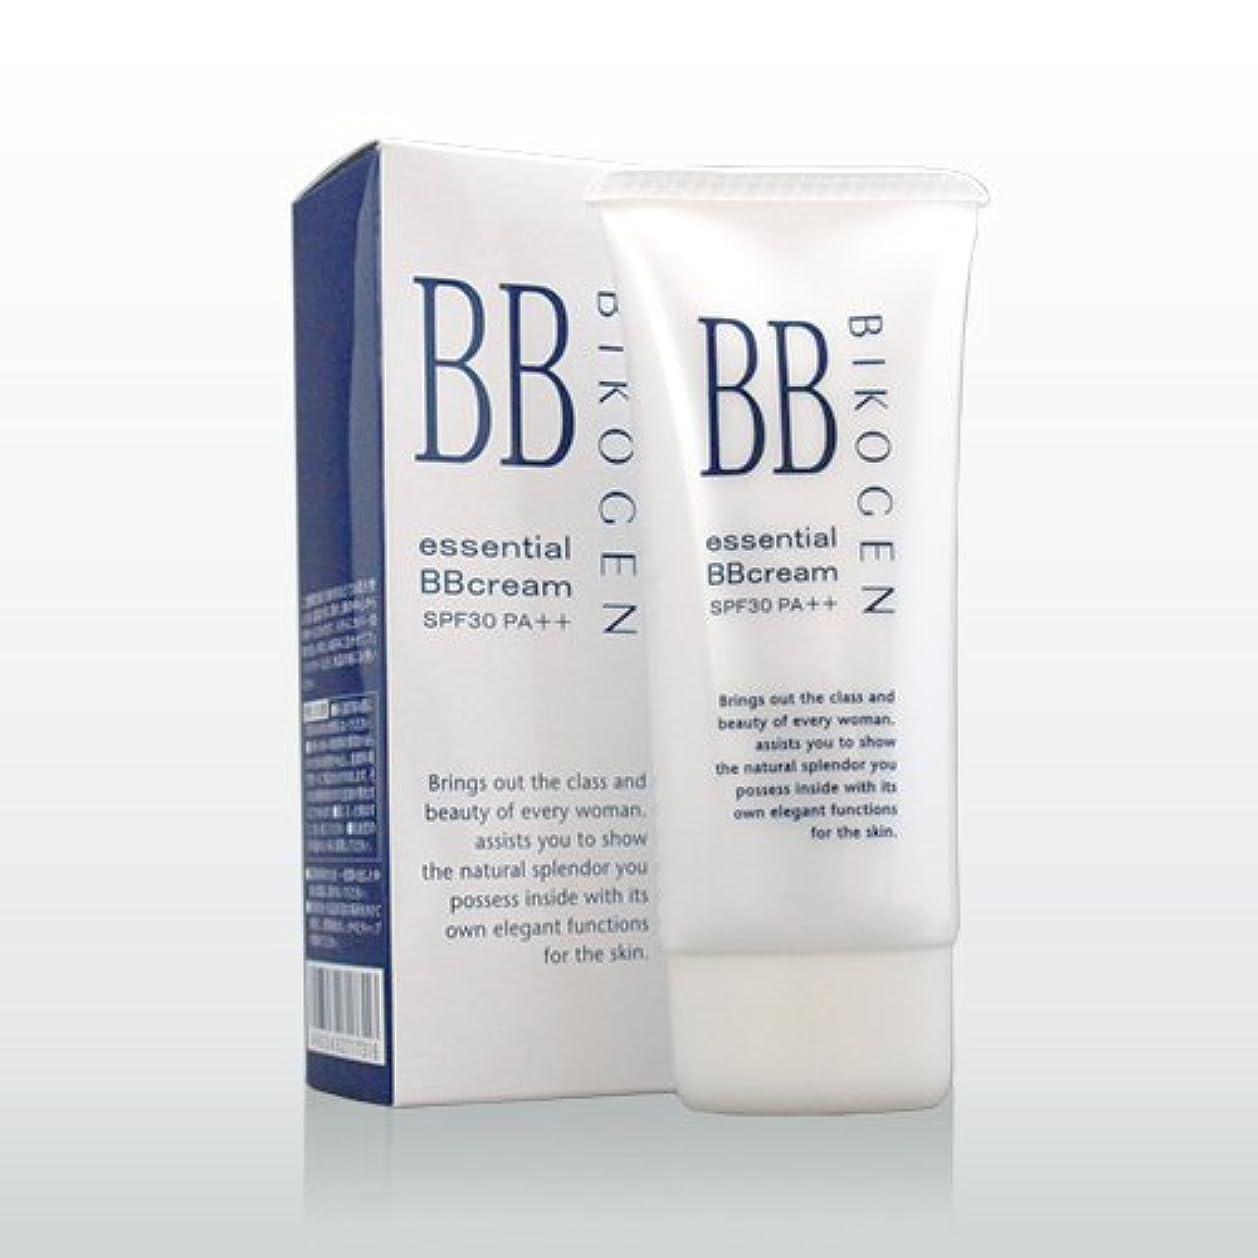 現代ペパーミント弱めるビコーゲン エッセンシャルBBクリーム40g(ナチュラル)